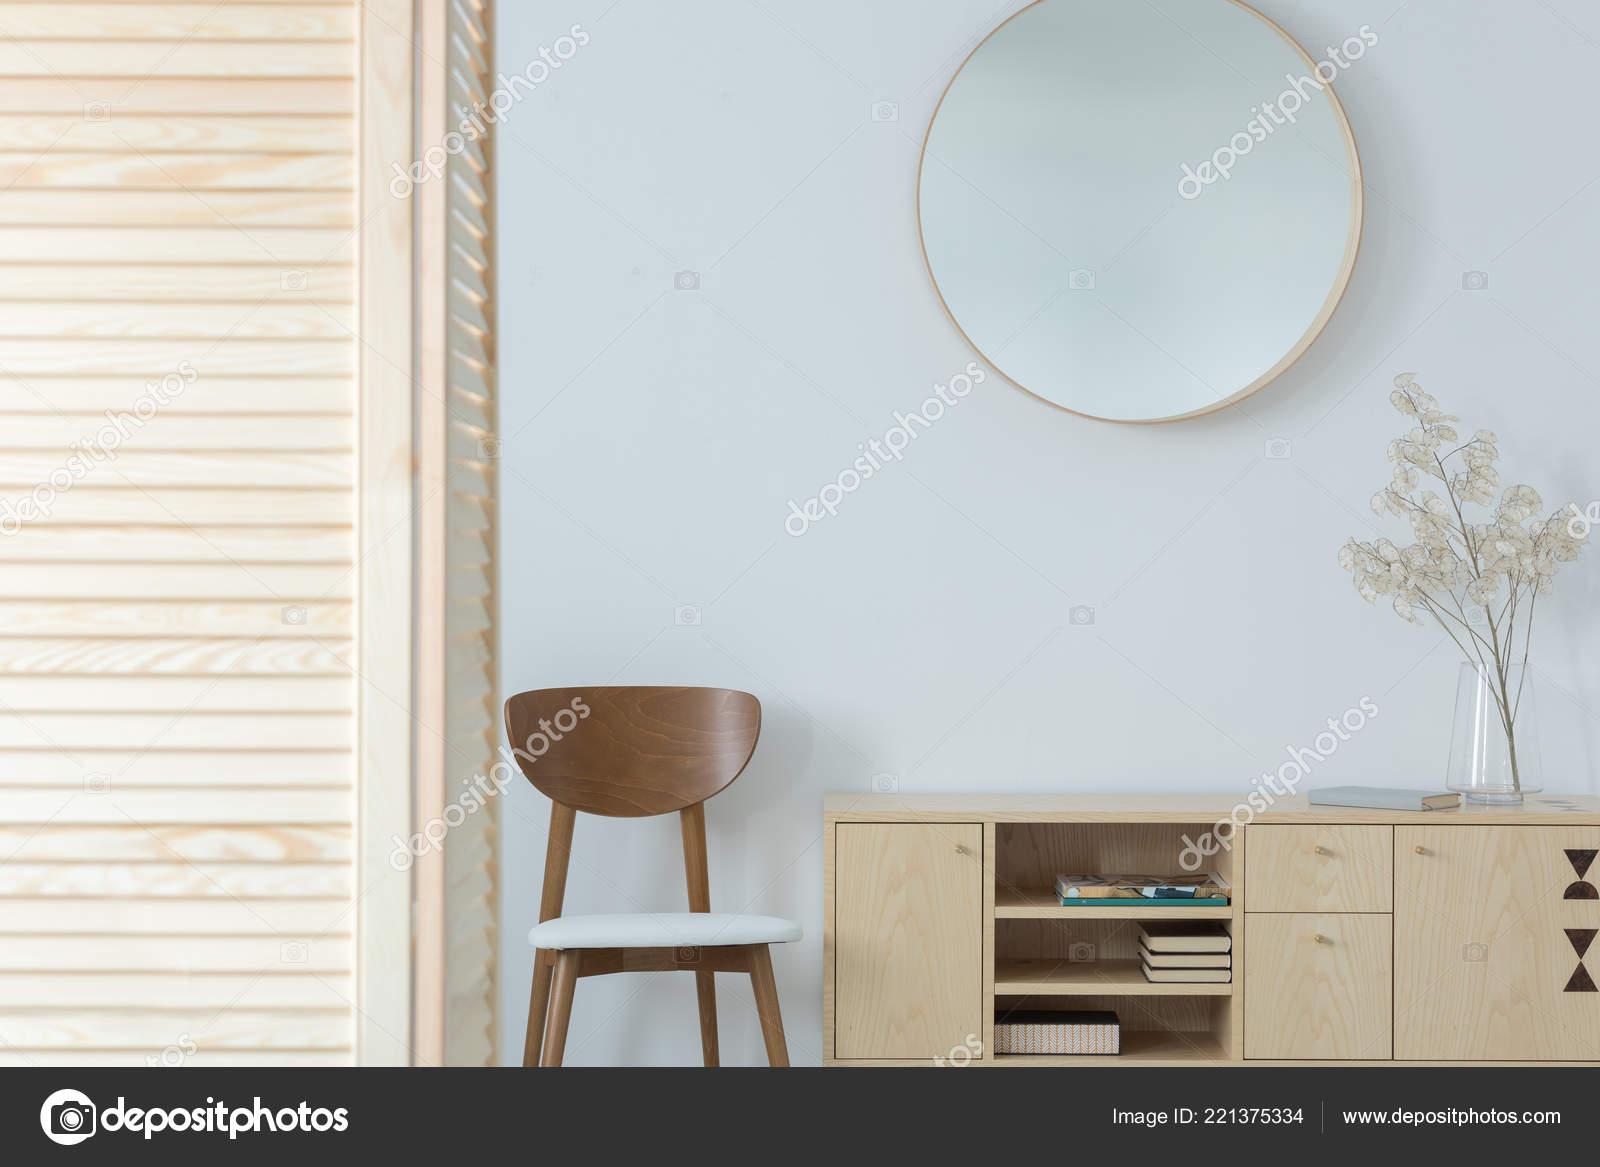 Ronde Houten Spiegel : Ronde spiegel boven houten stoel kabinet minimale wachtkamer